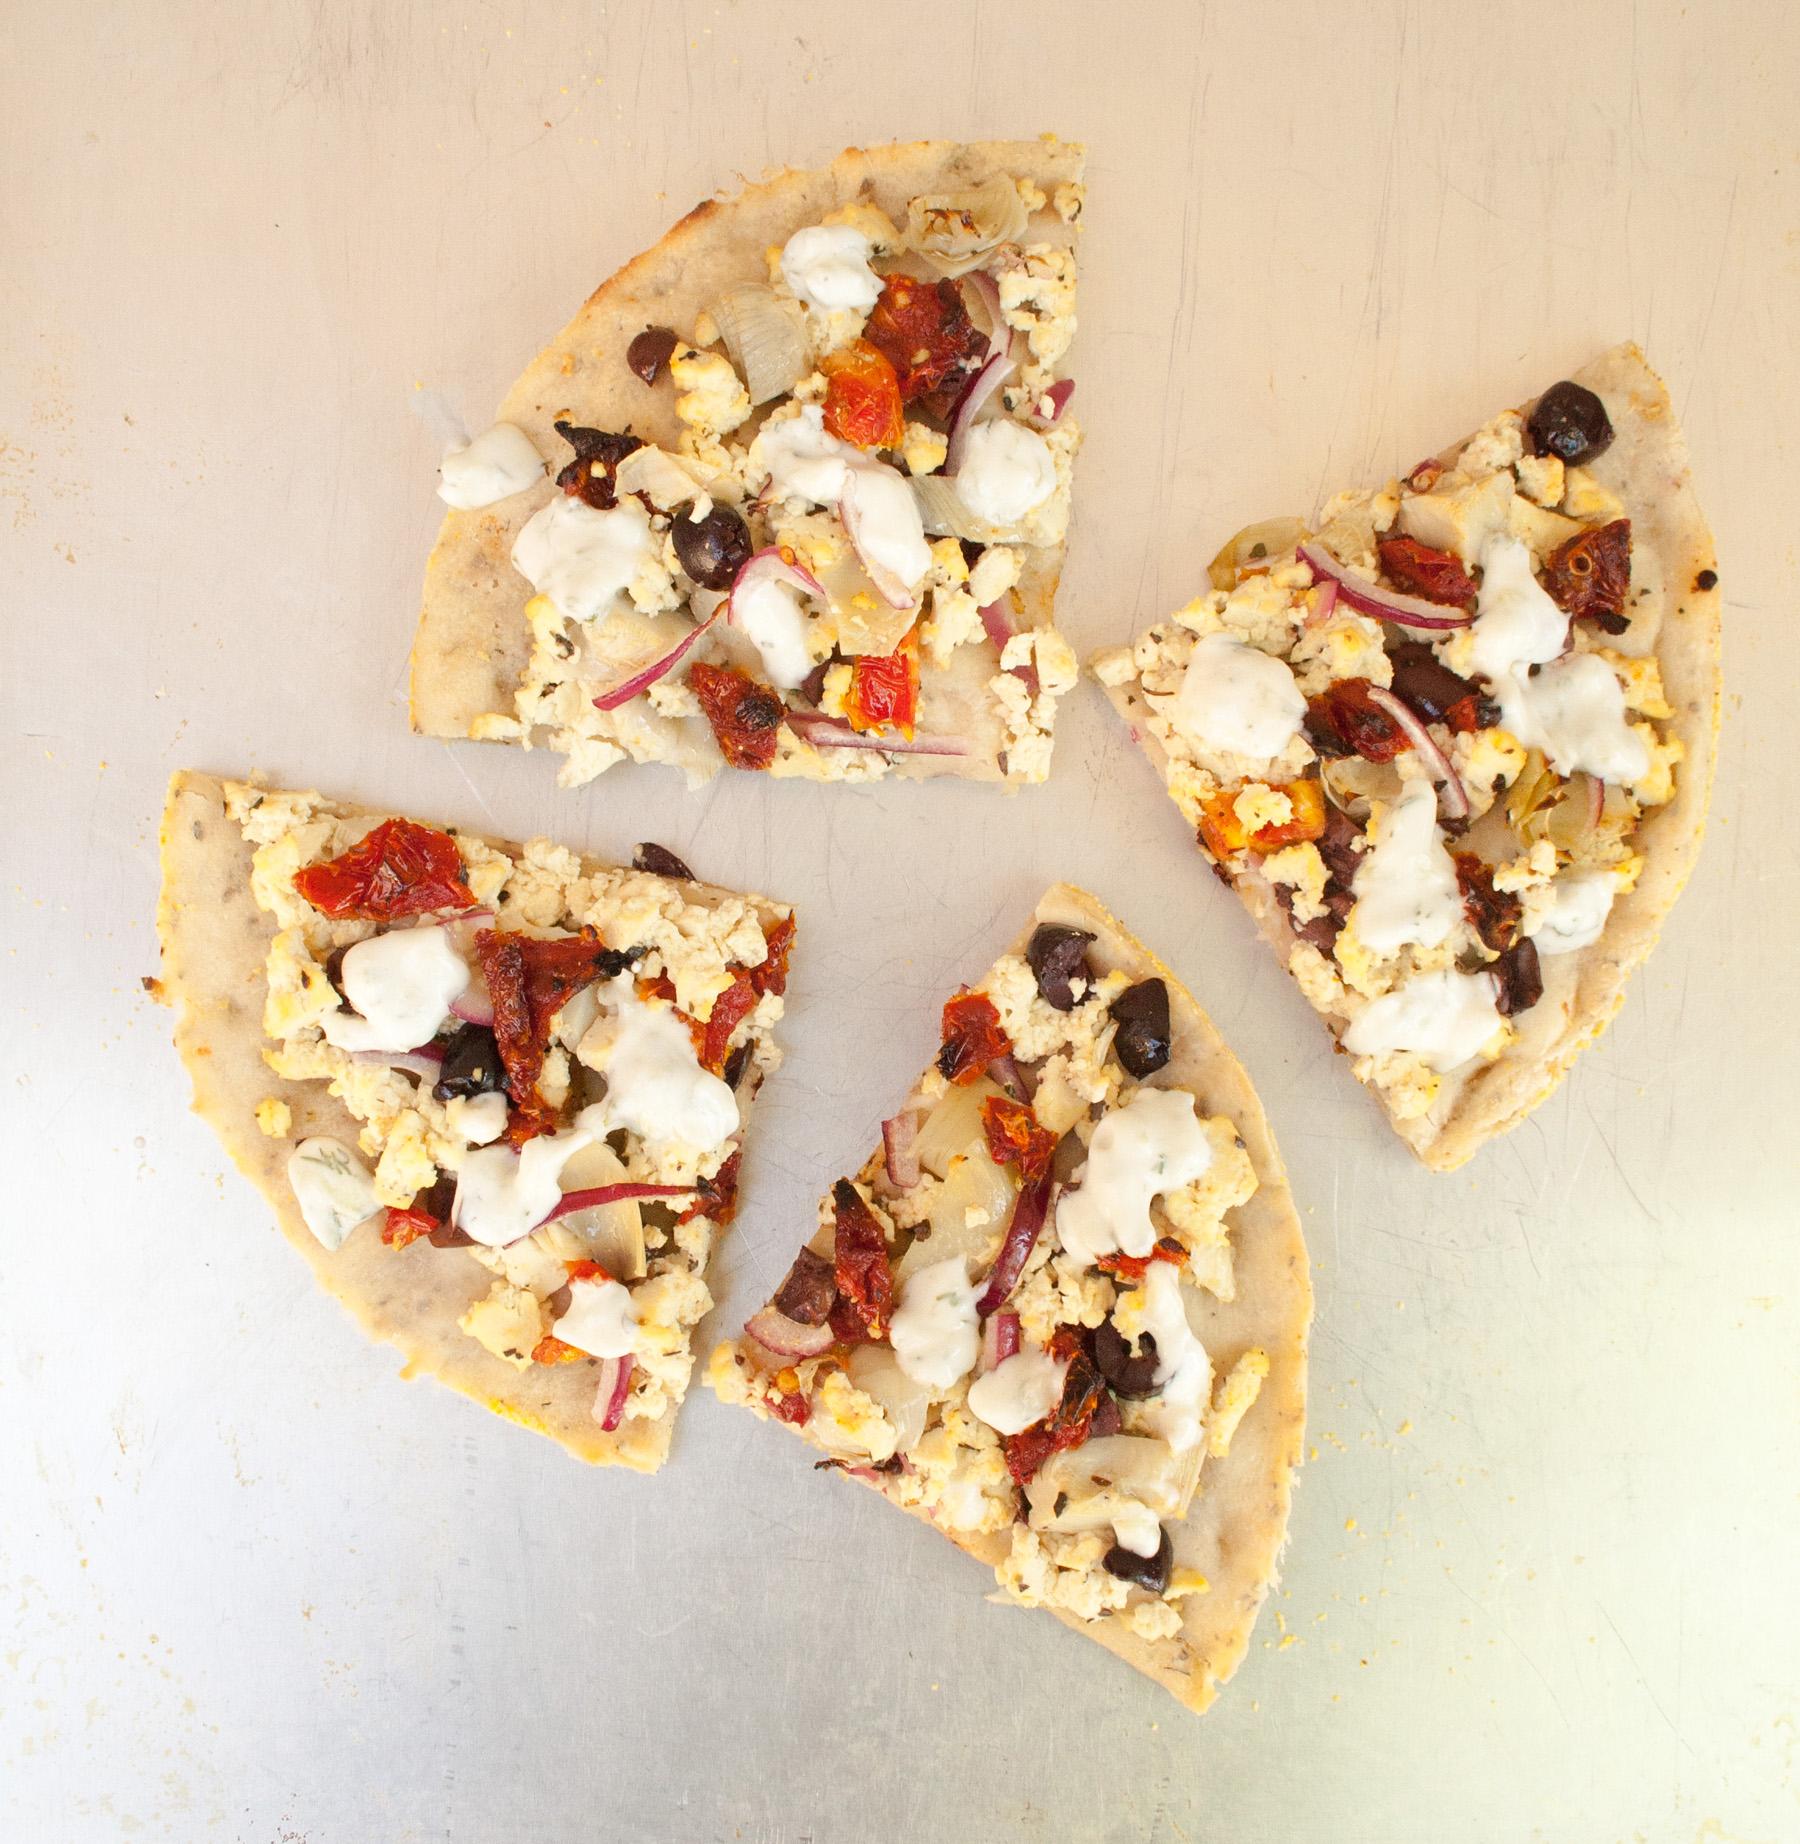 Tofu Feta and Sun-Dried Tomato Pizza with Vegan Tzatziki birds eye view.